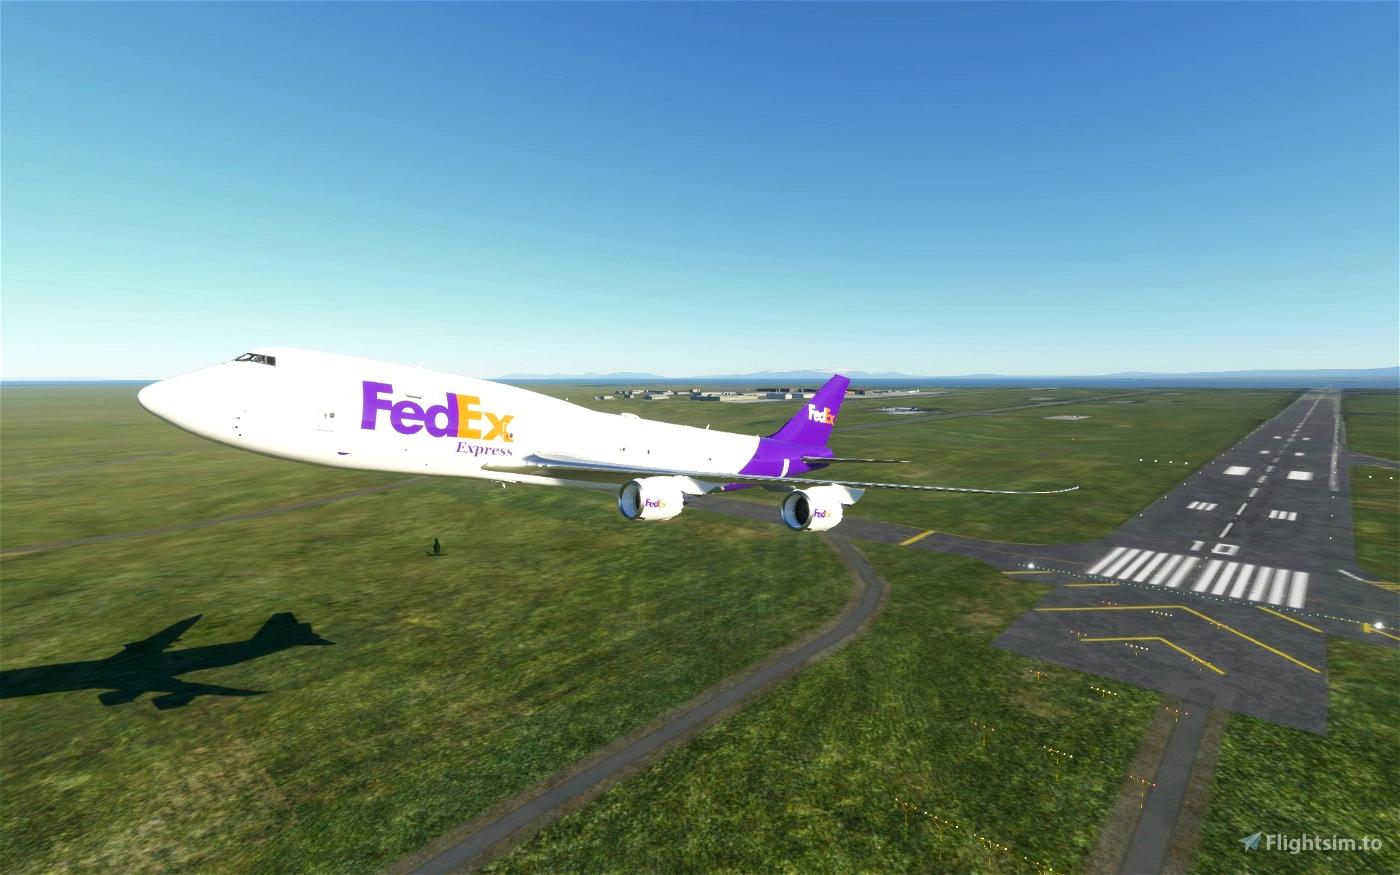 Boeing 747-8F FedEx cargo livery